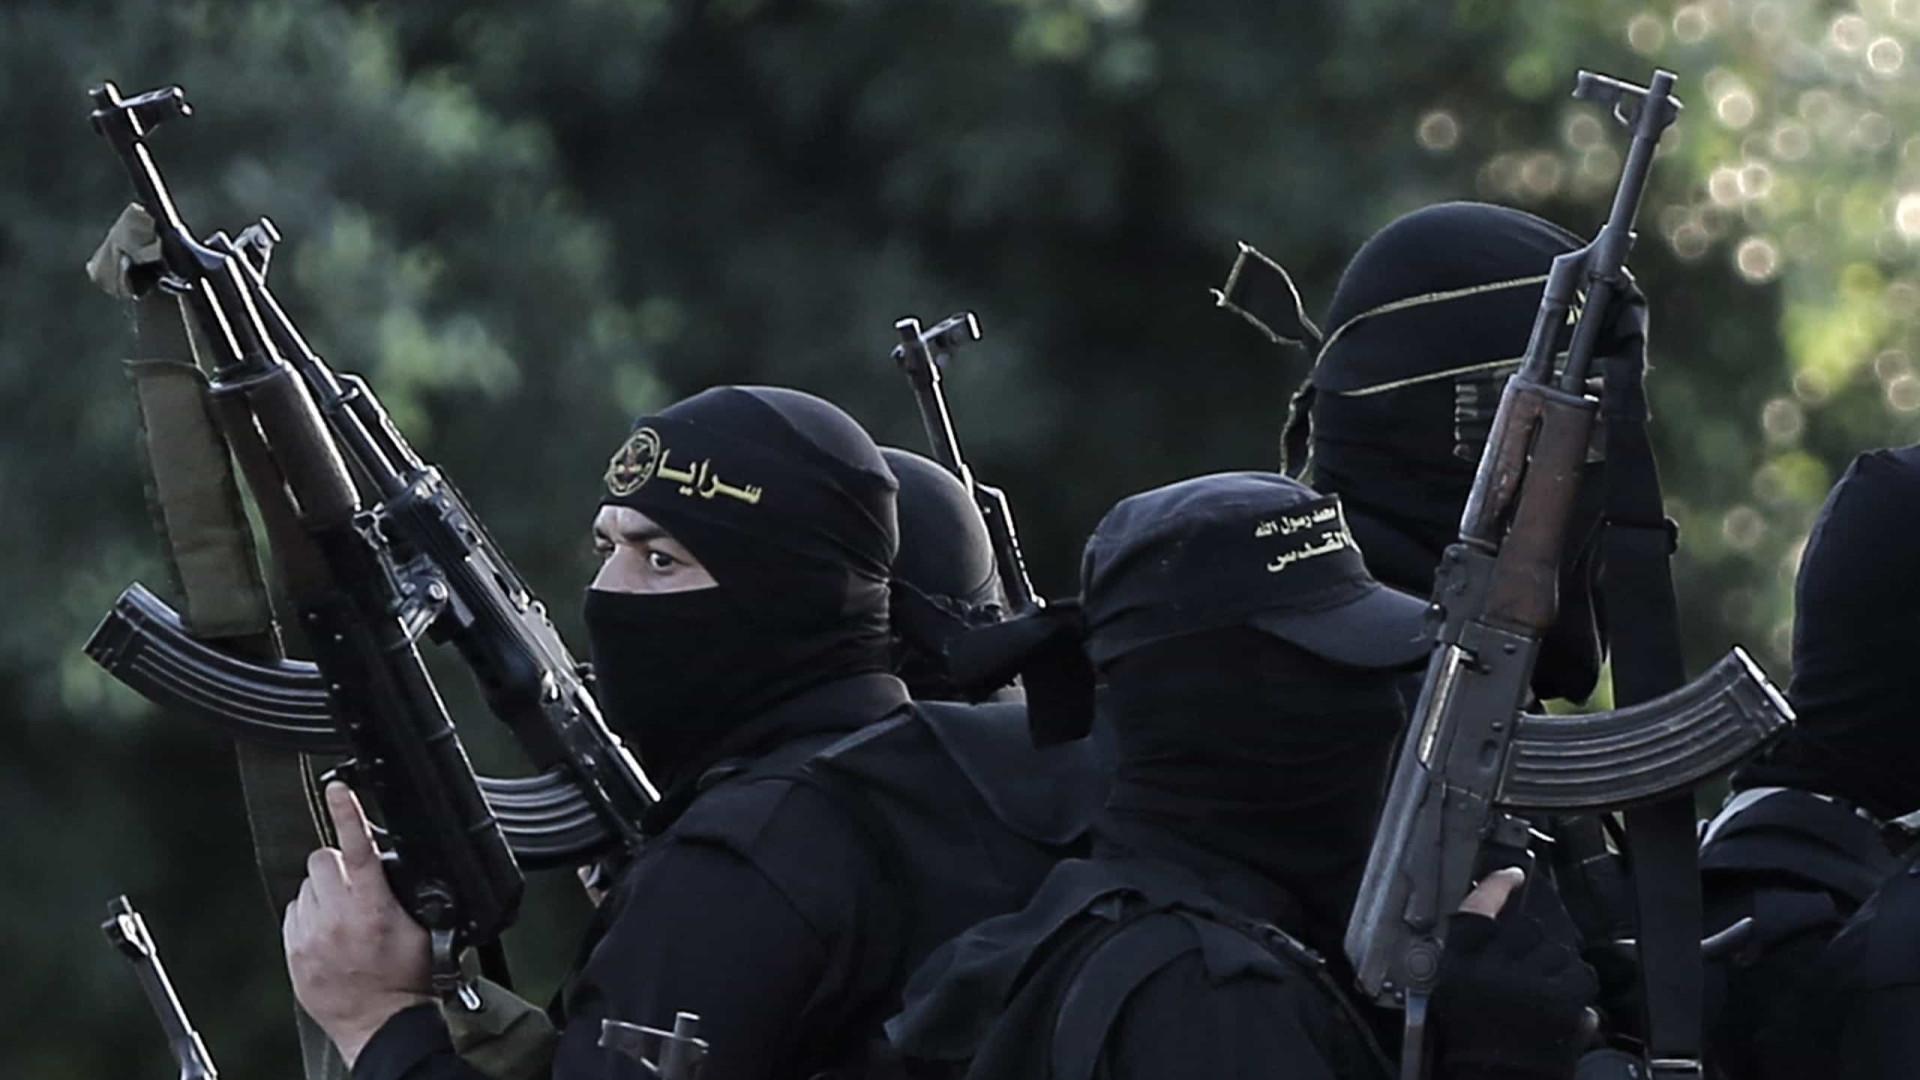 Pelo menos 38 jihadistas mortos e 526 detidos em operação antiterrorista